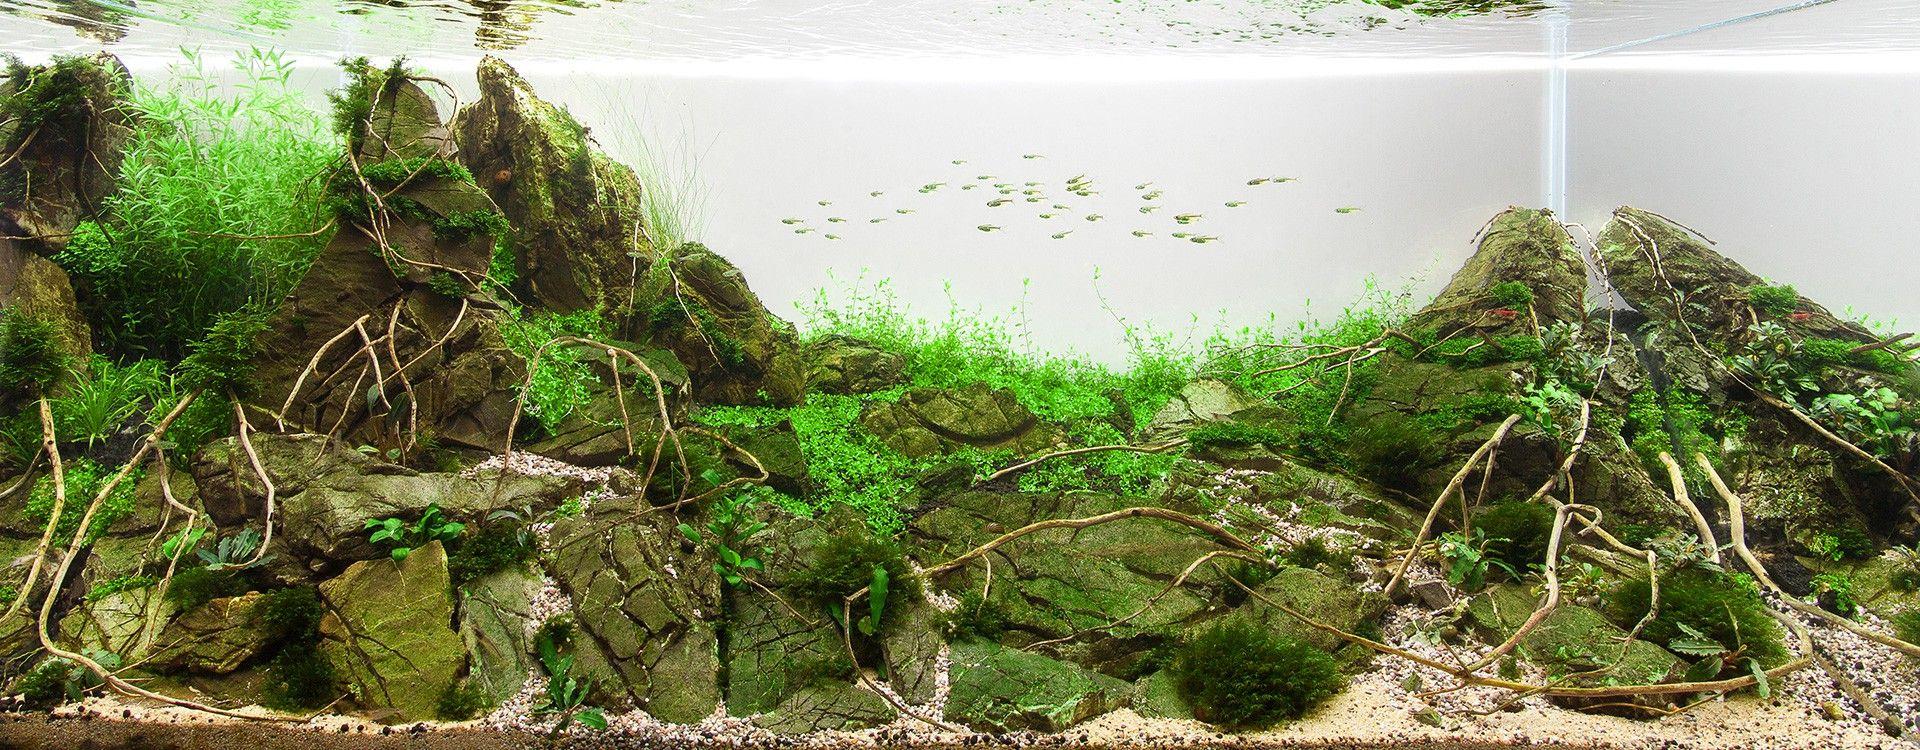 Nawożenie CO2 a pH wody w akwarium